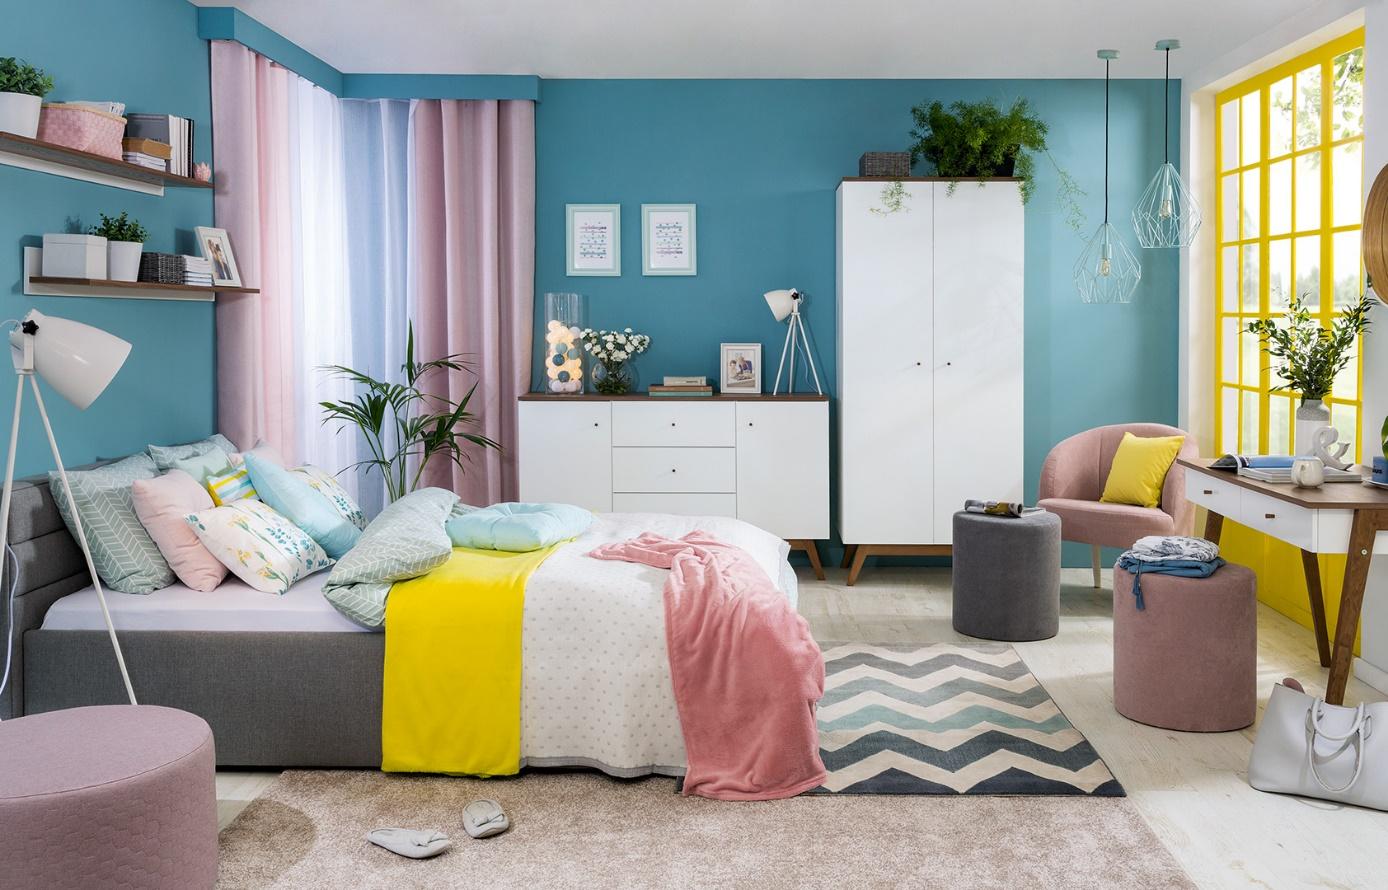 sypialnia singla kolorowy wystrój